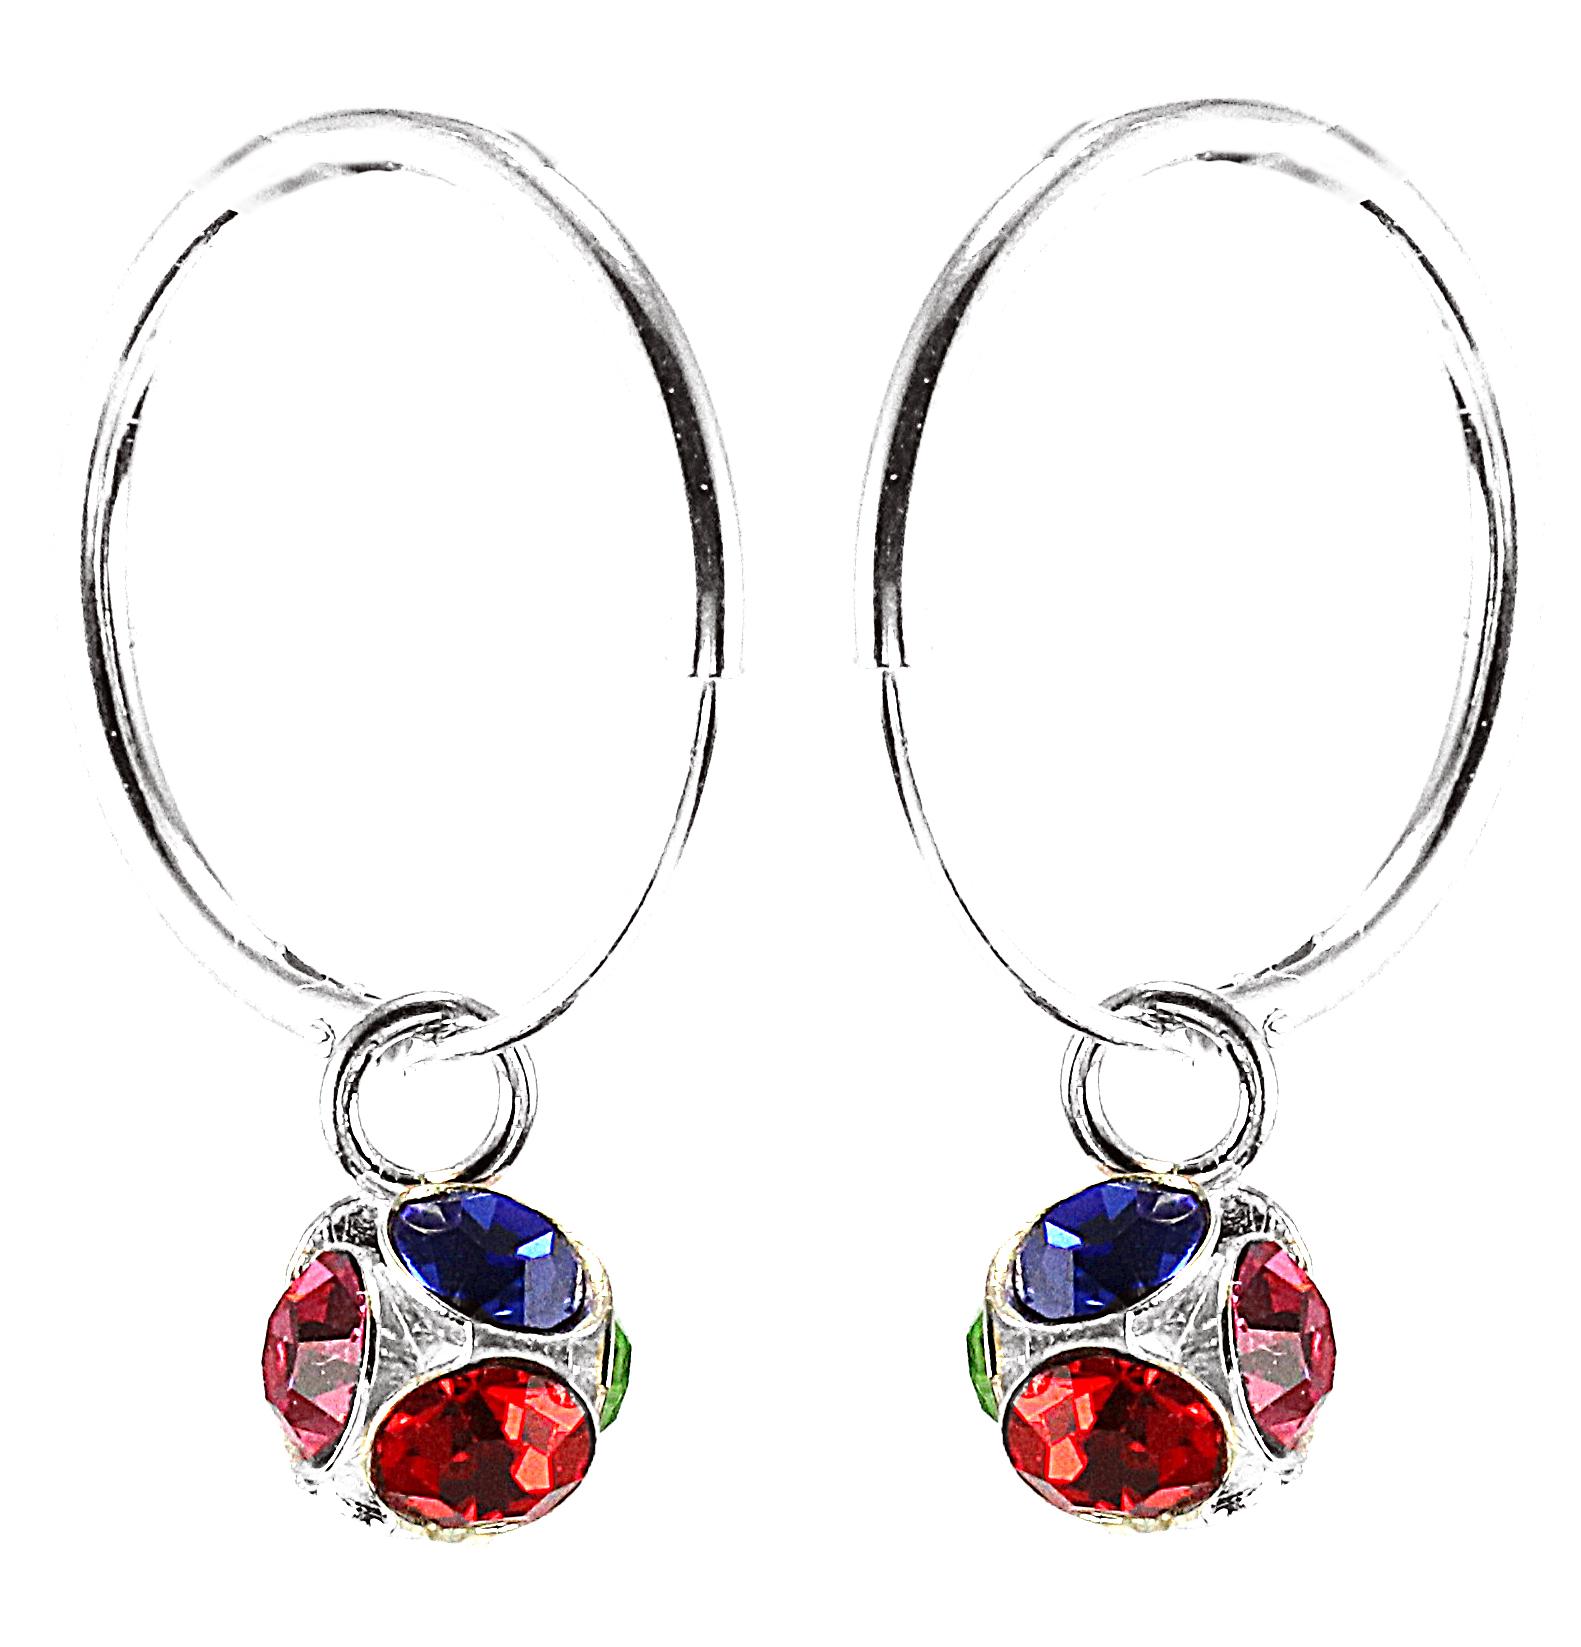 Stříbrné a ocelové šperky za super ceny.Rychle a kvalitně. d6d34495f6f